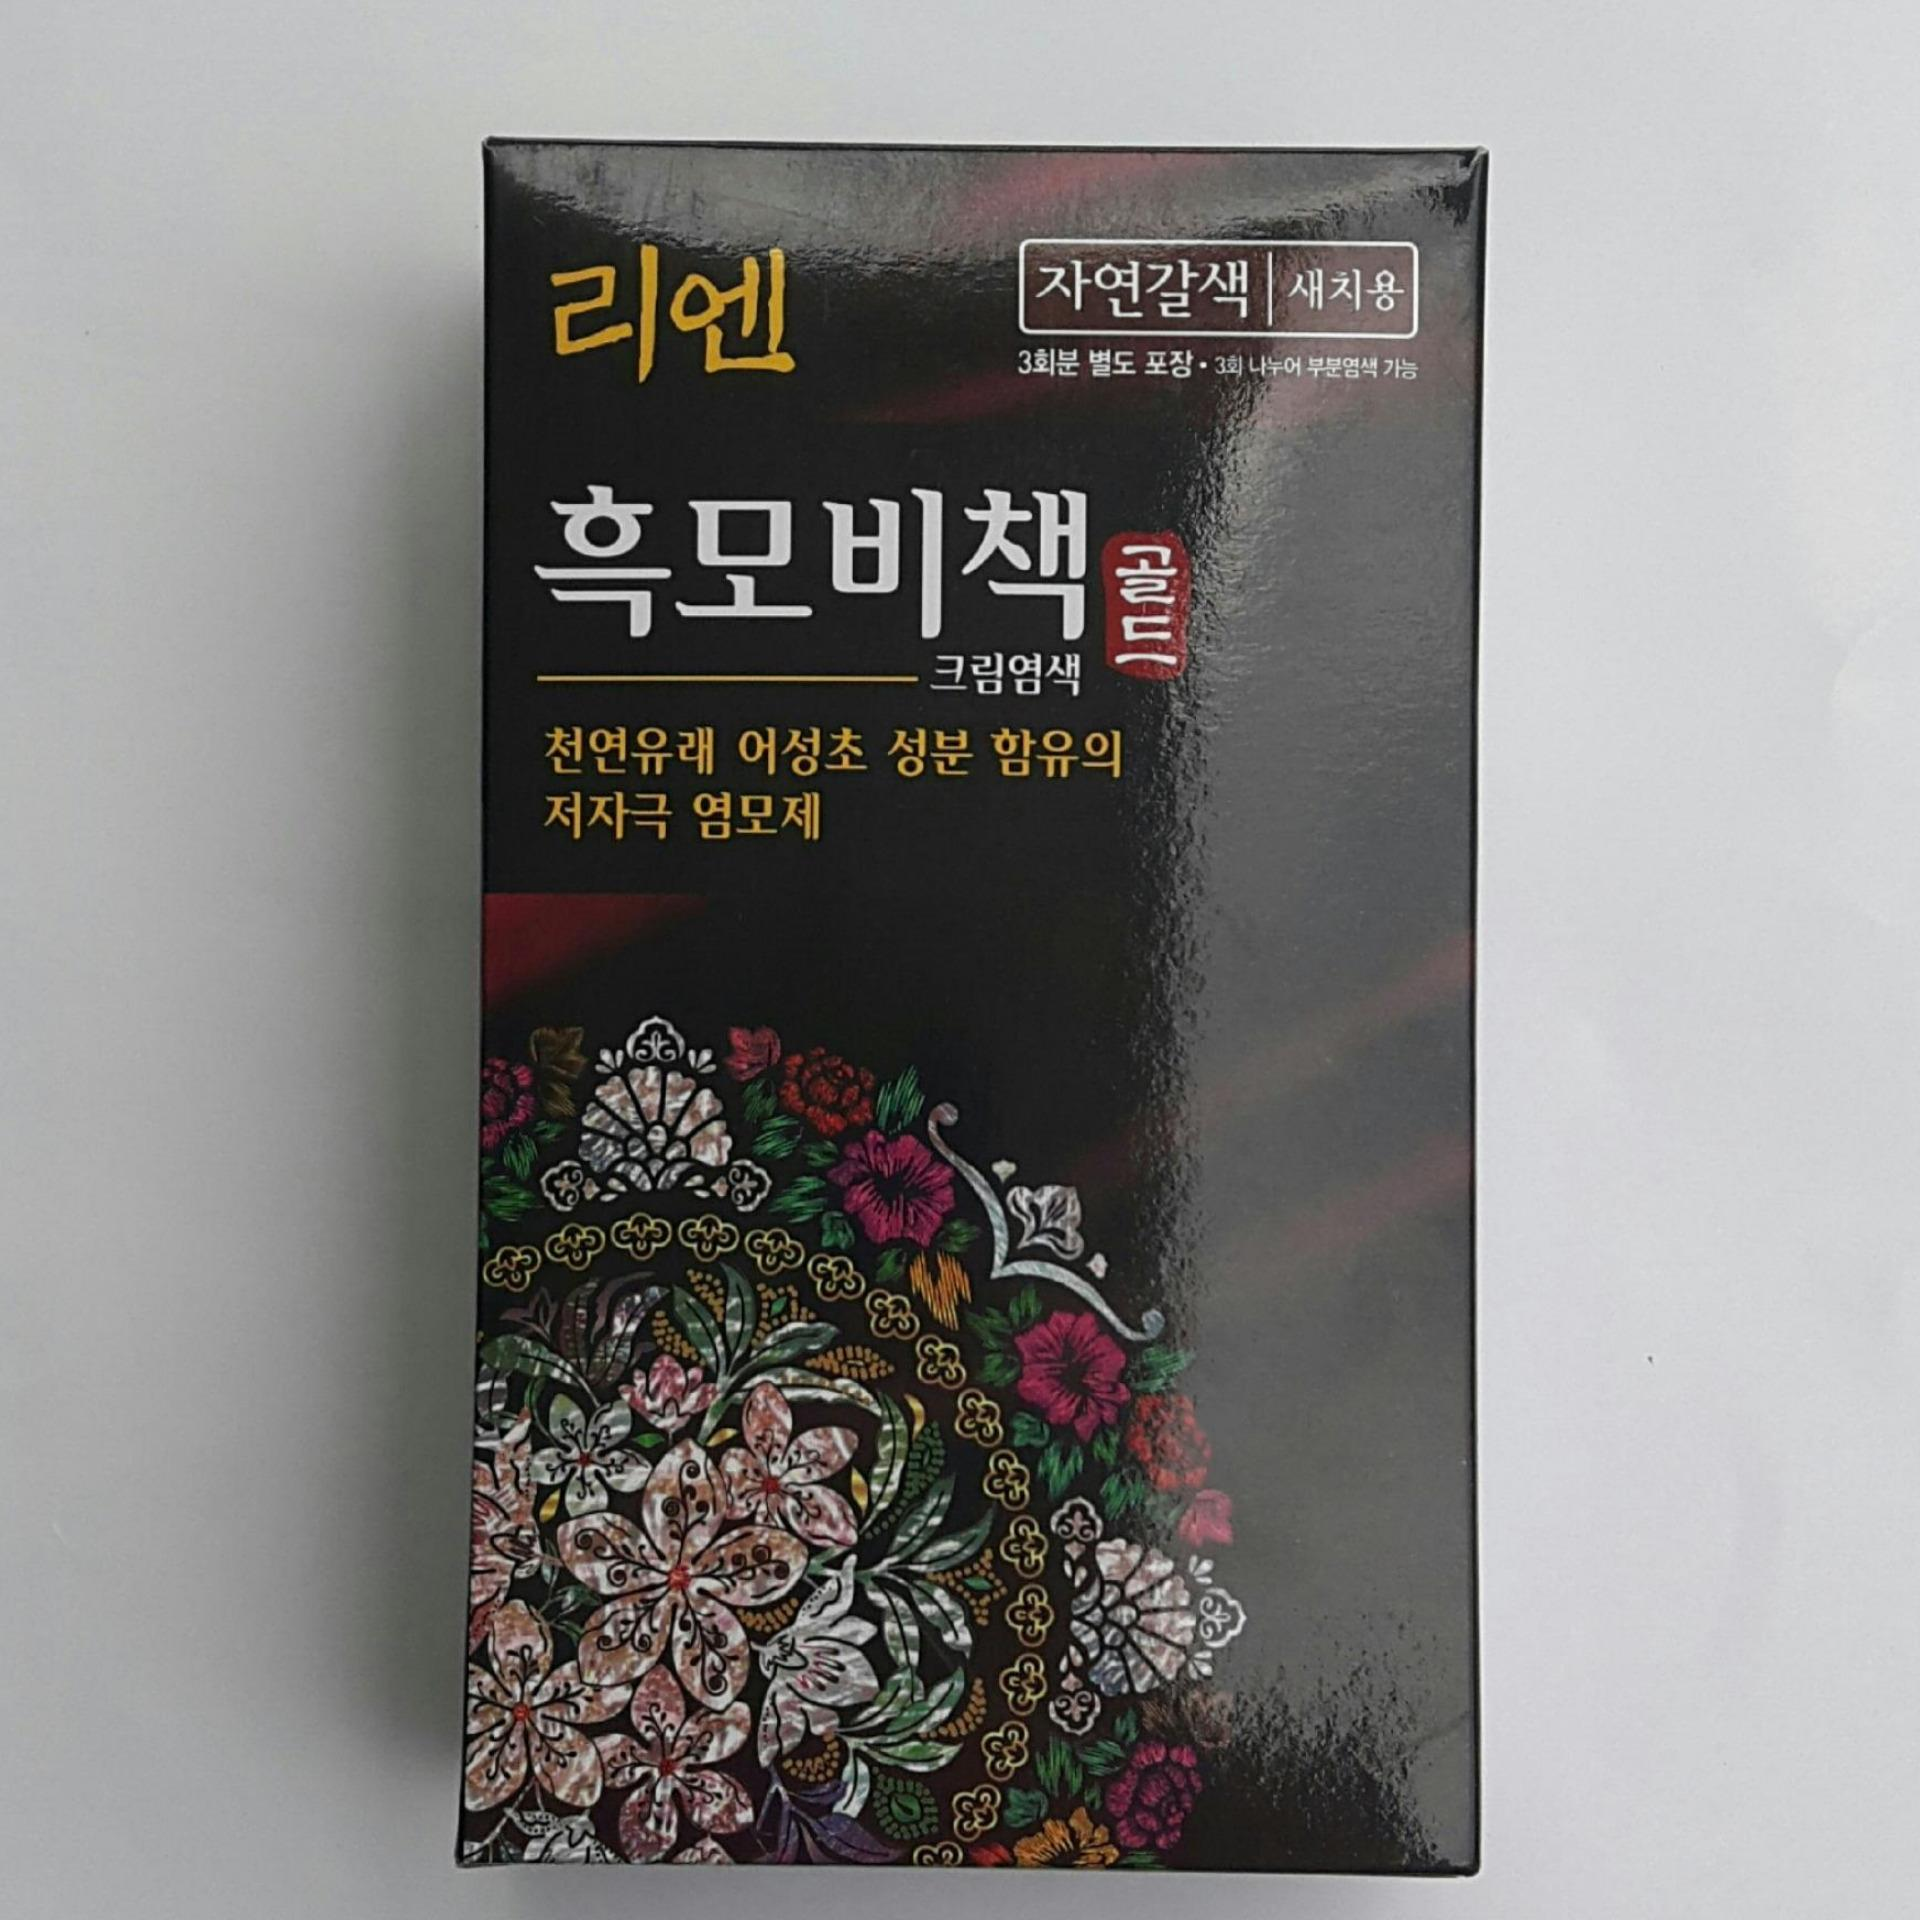 Reen Secret Recipe Of Dark Hair - Black Brown – Thuốc nhuộm phủ bạc thảo dược cao cấp – Nâu đen ( 03 lần sử dụng ) nhập khẩu